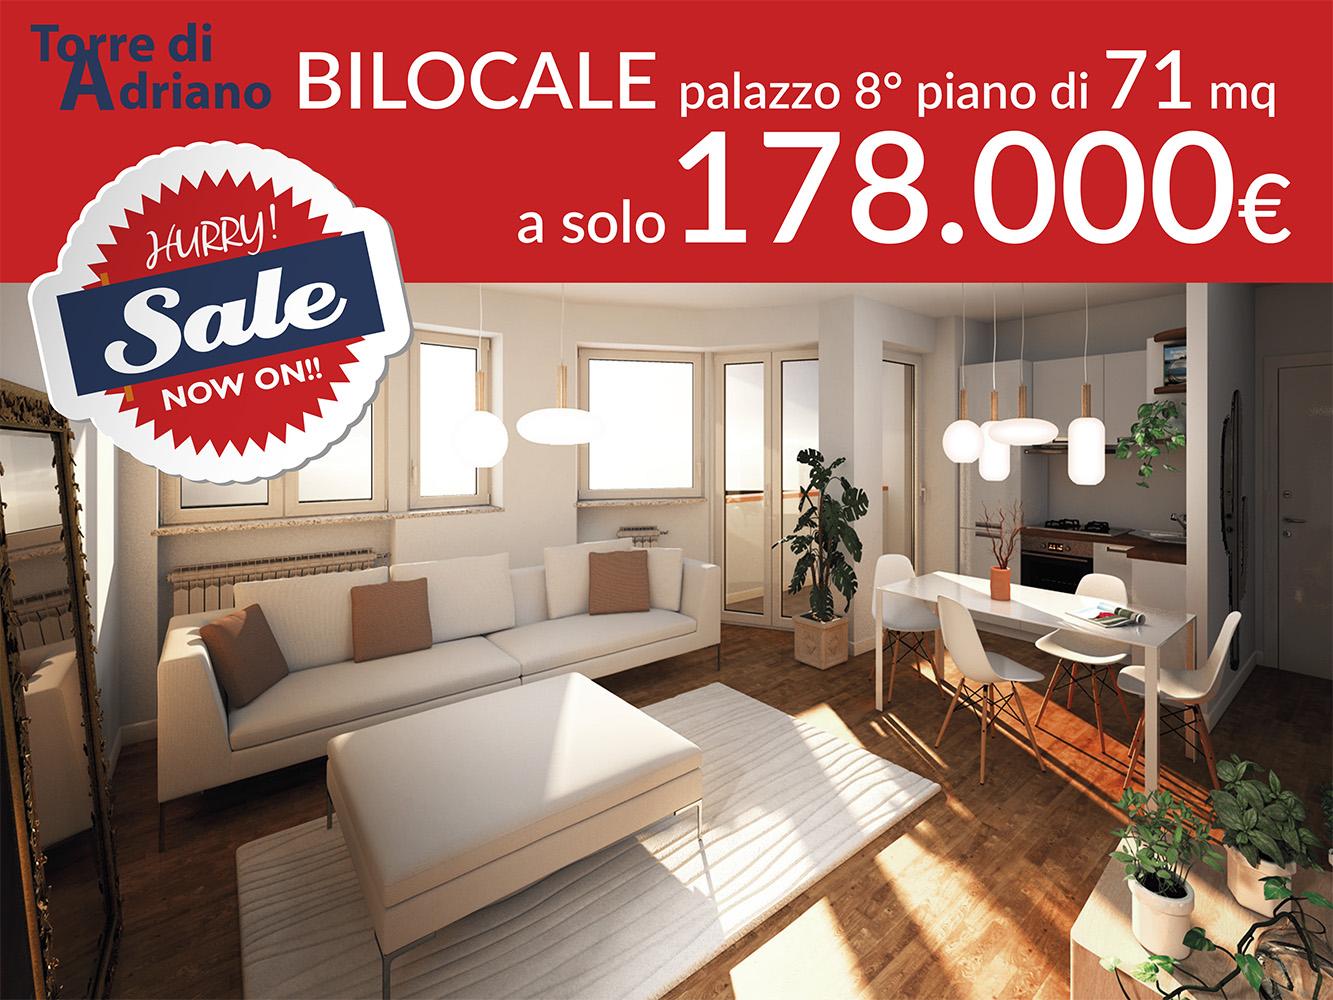 BILOCALE-palazzo